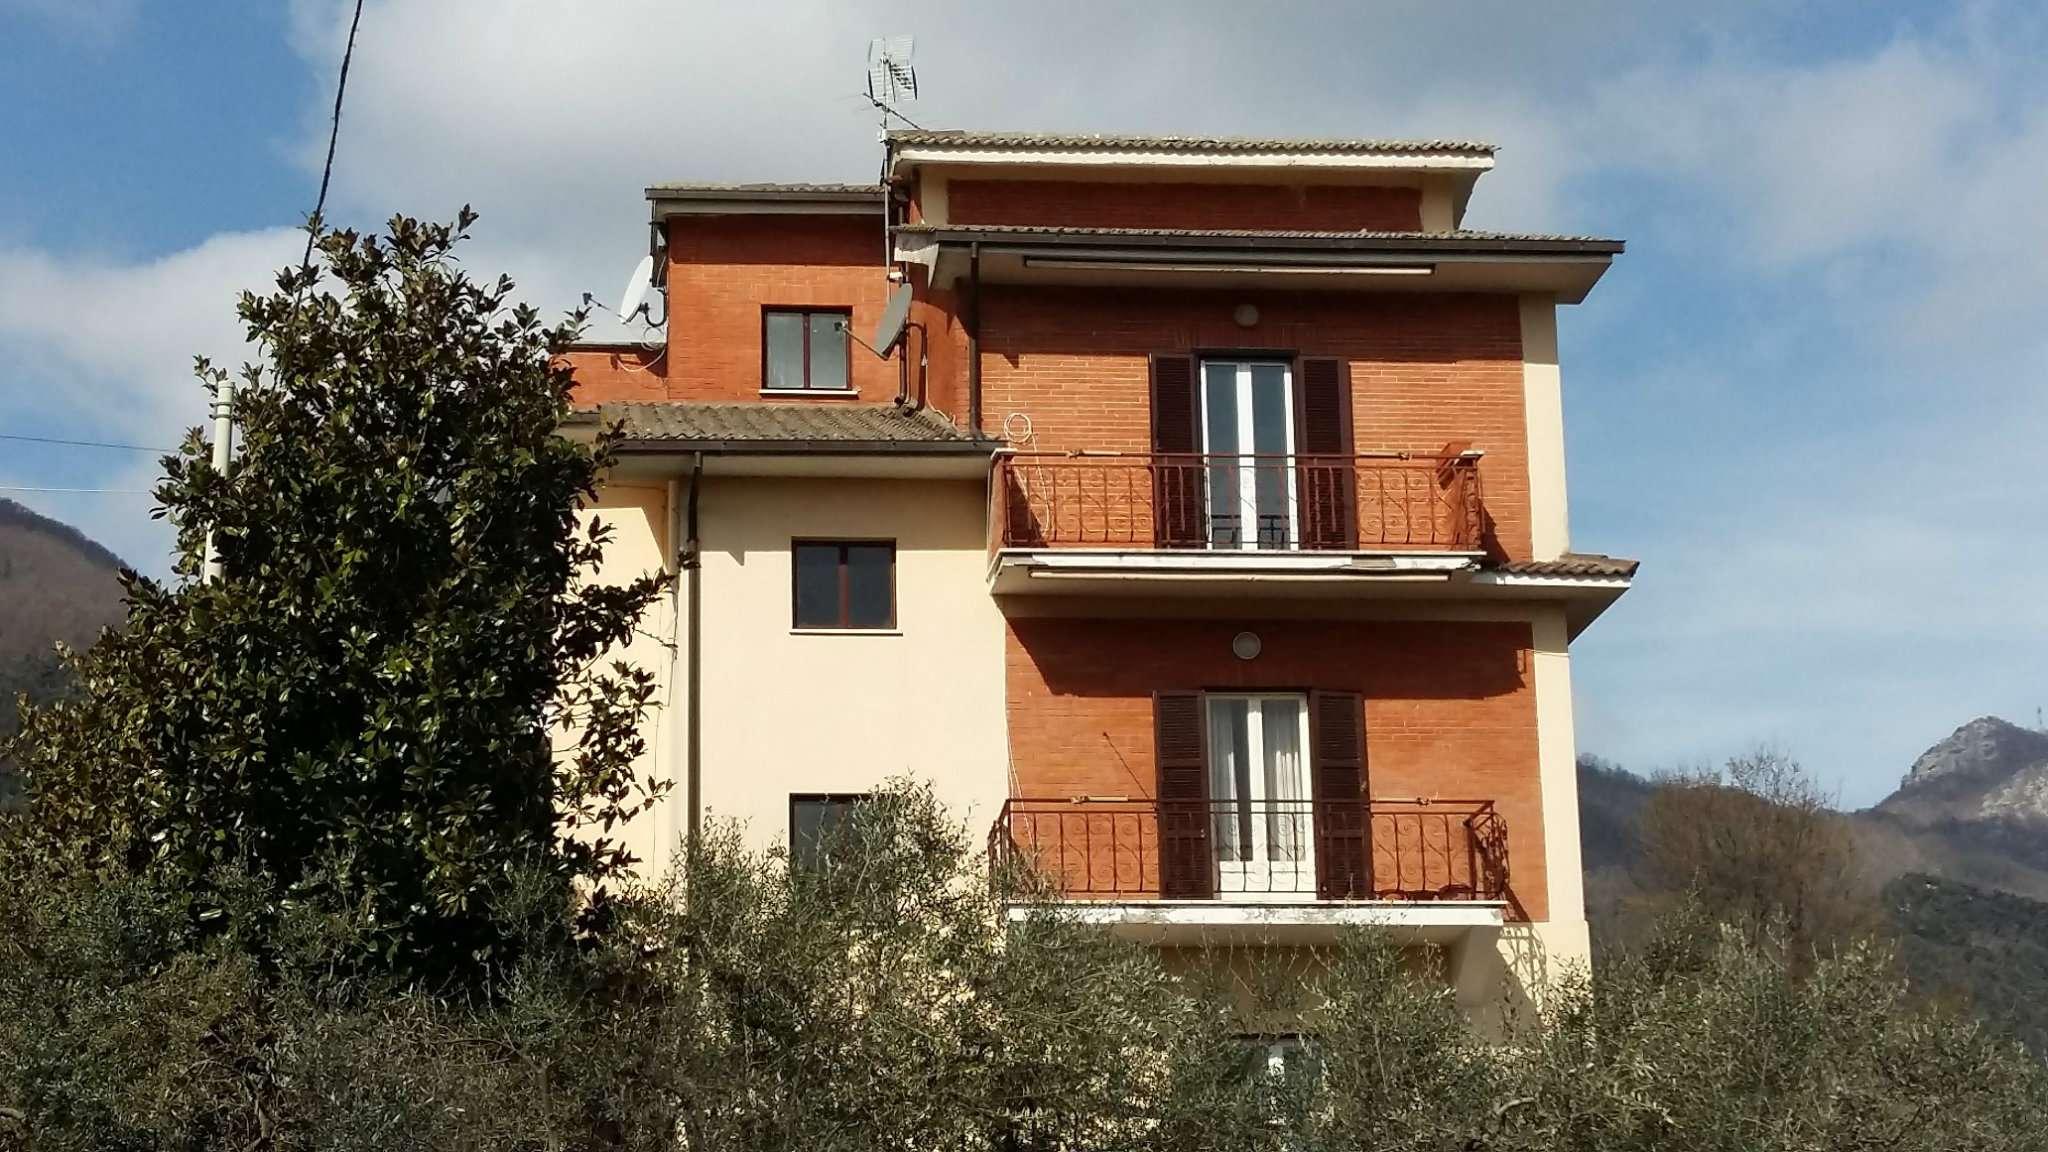 Soluzione Indipendente in vendita a Pisoniano, 9999 locali, prezzo € 179.000 | CambioCasa.it